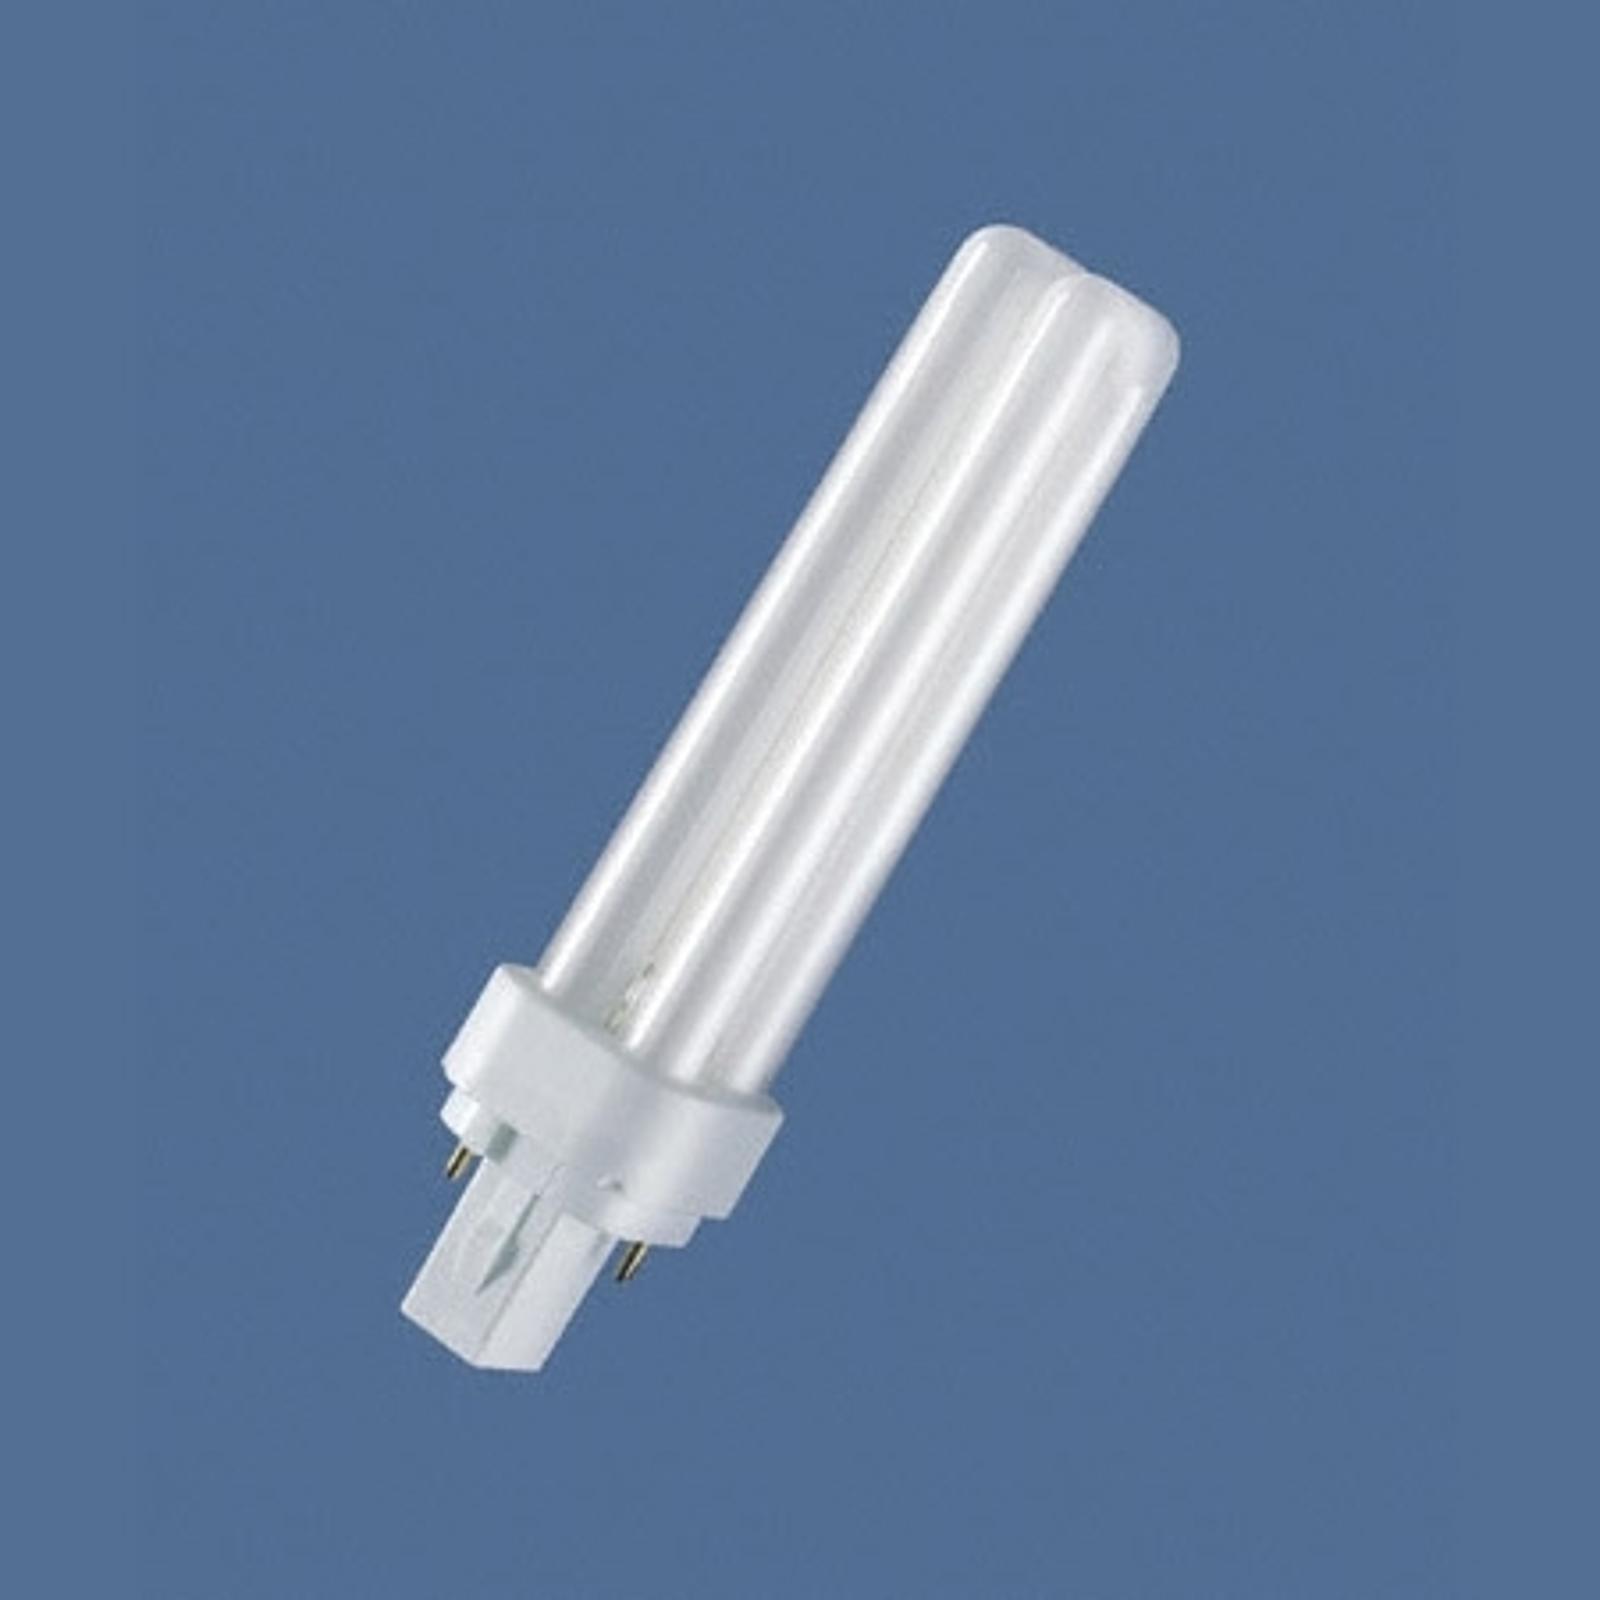 G24d 10W 827 świetlówka kompaktowa Dulux D